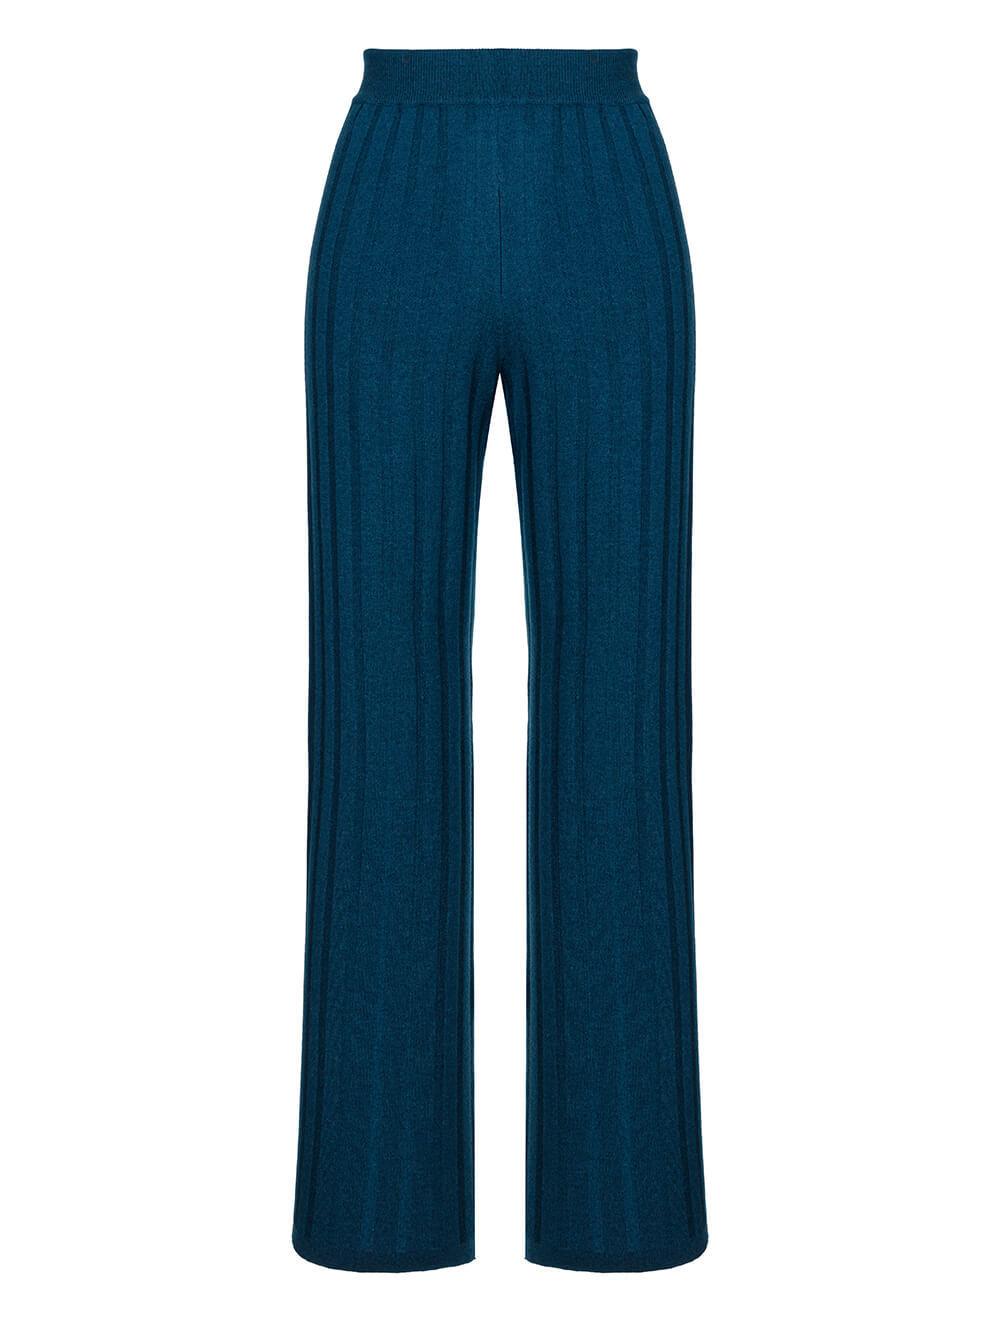 Женские брюки темно-изумрудного цвета из шерсти и шелка - фото 1